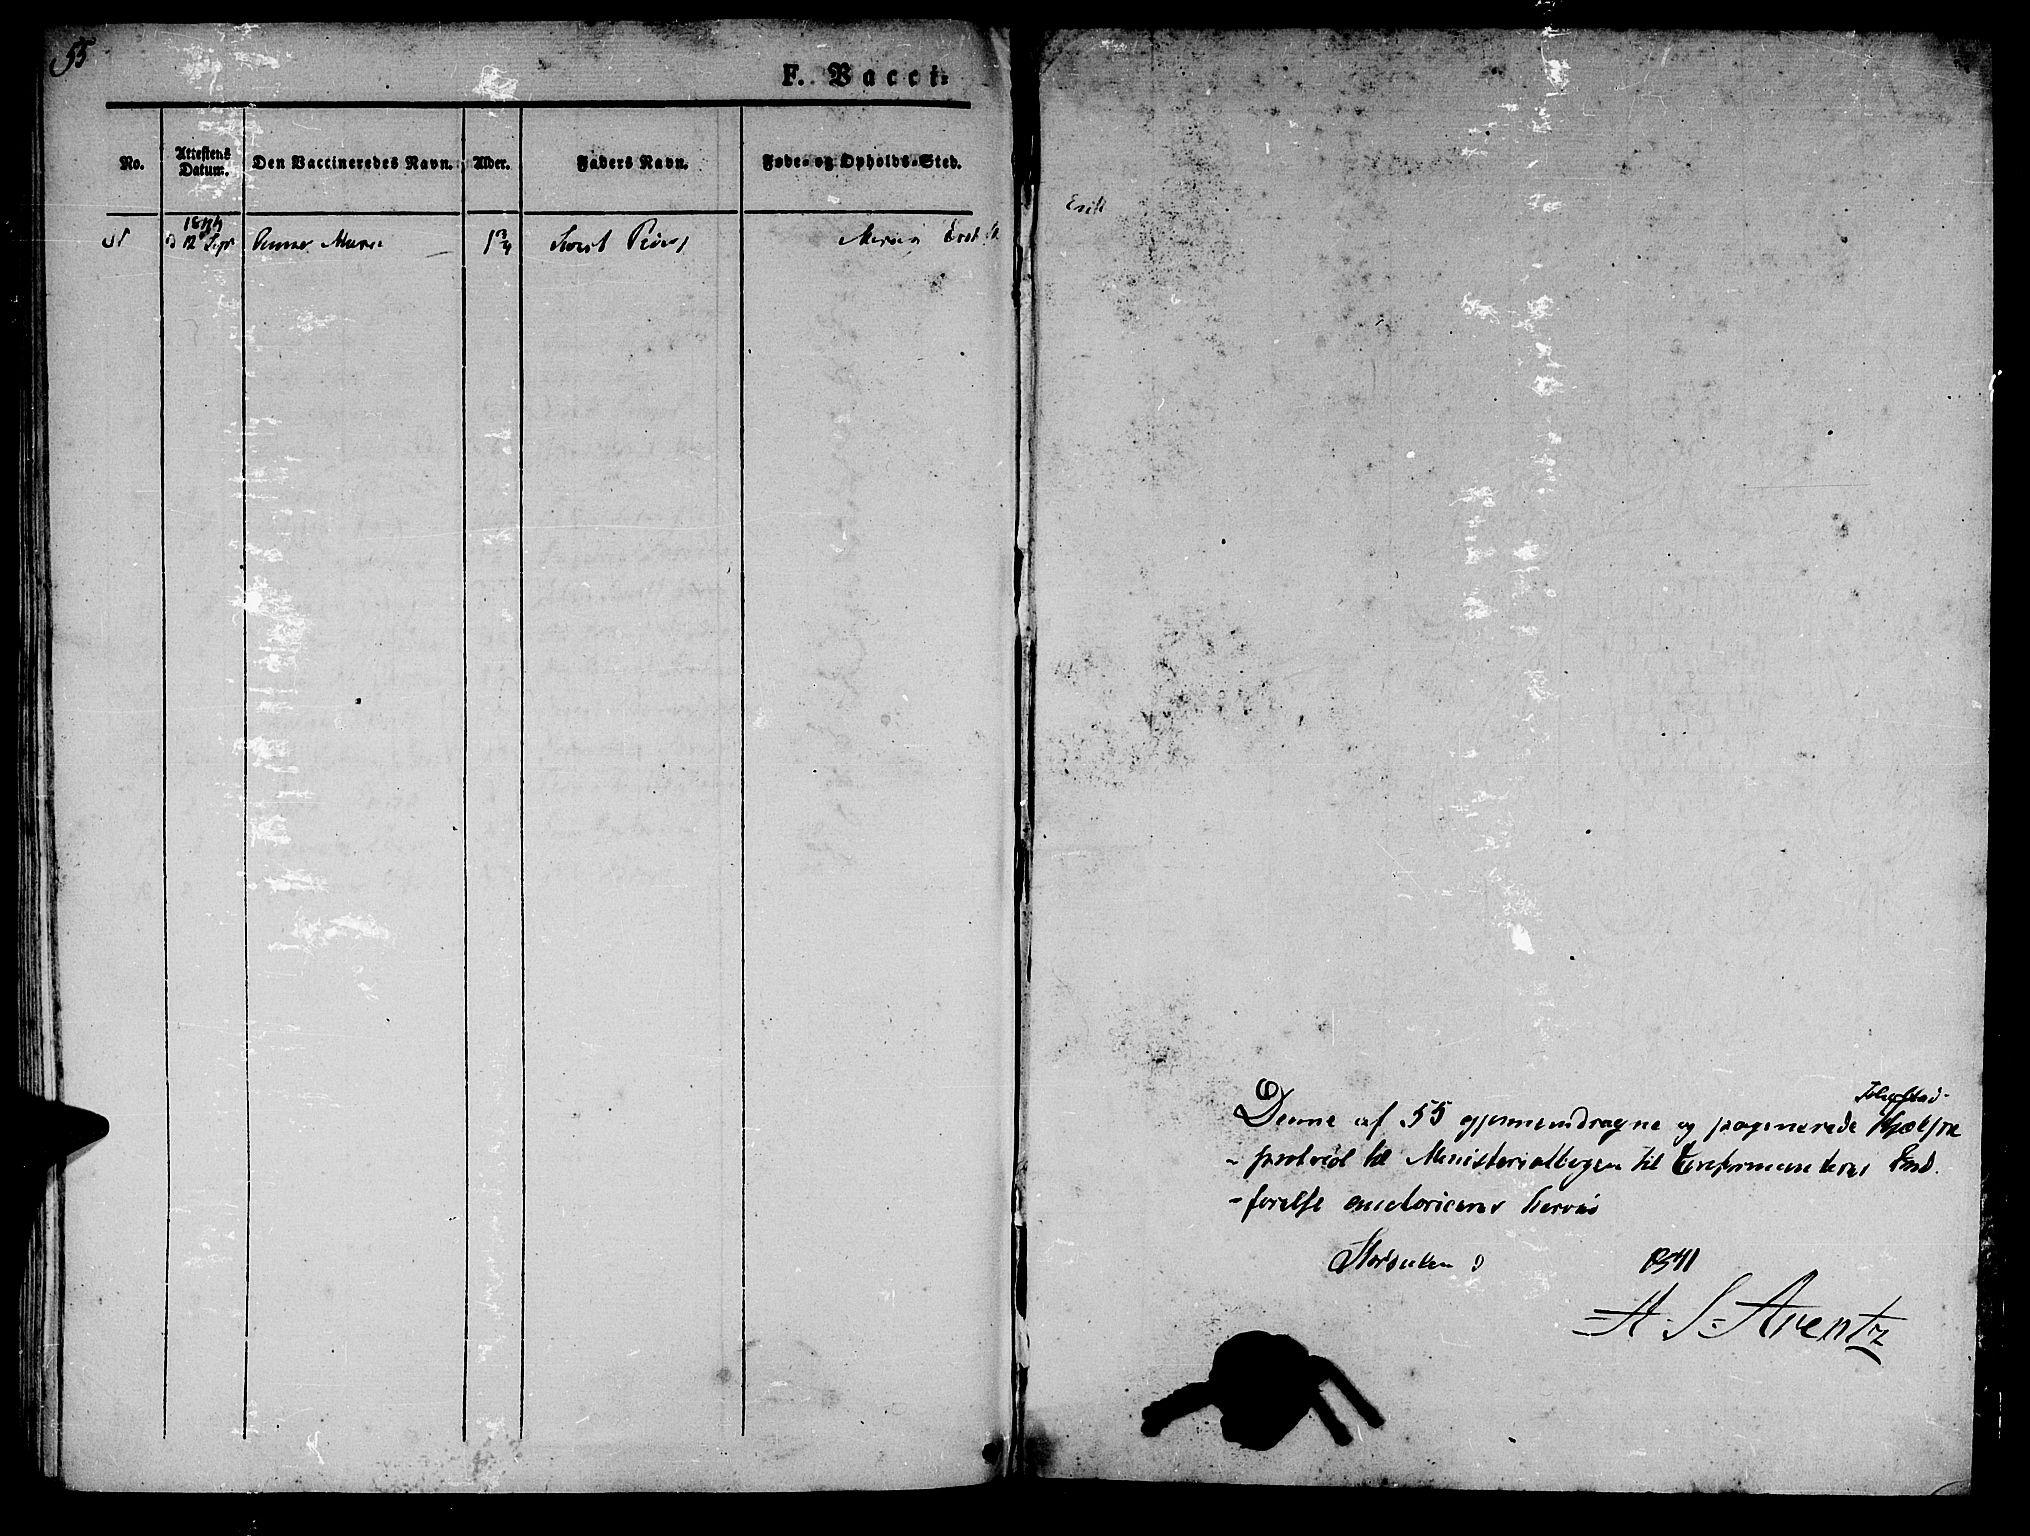 SAT, Ministerialprotokoller, klokkerbøker og fødselsregistre - Nord-Trøndelag, 709/L0073: Ministerialbok nr. 709A13, 1841-1844, s. 55